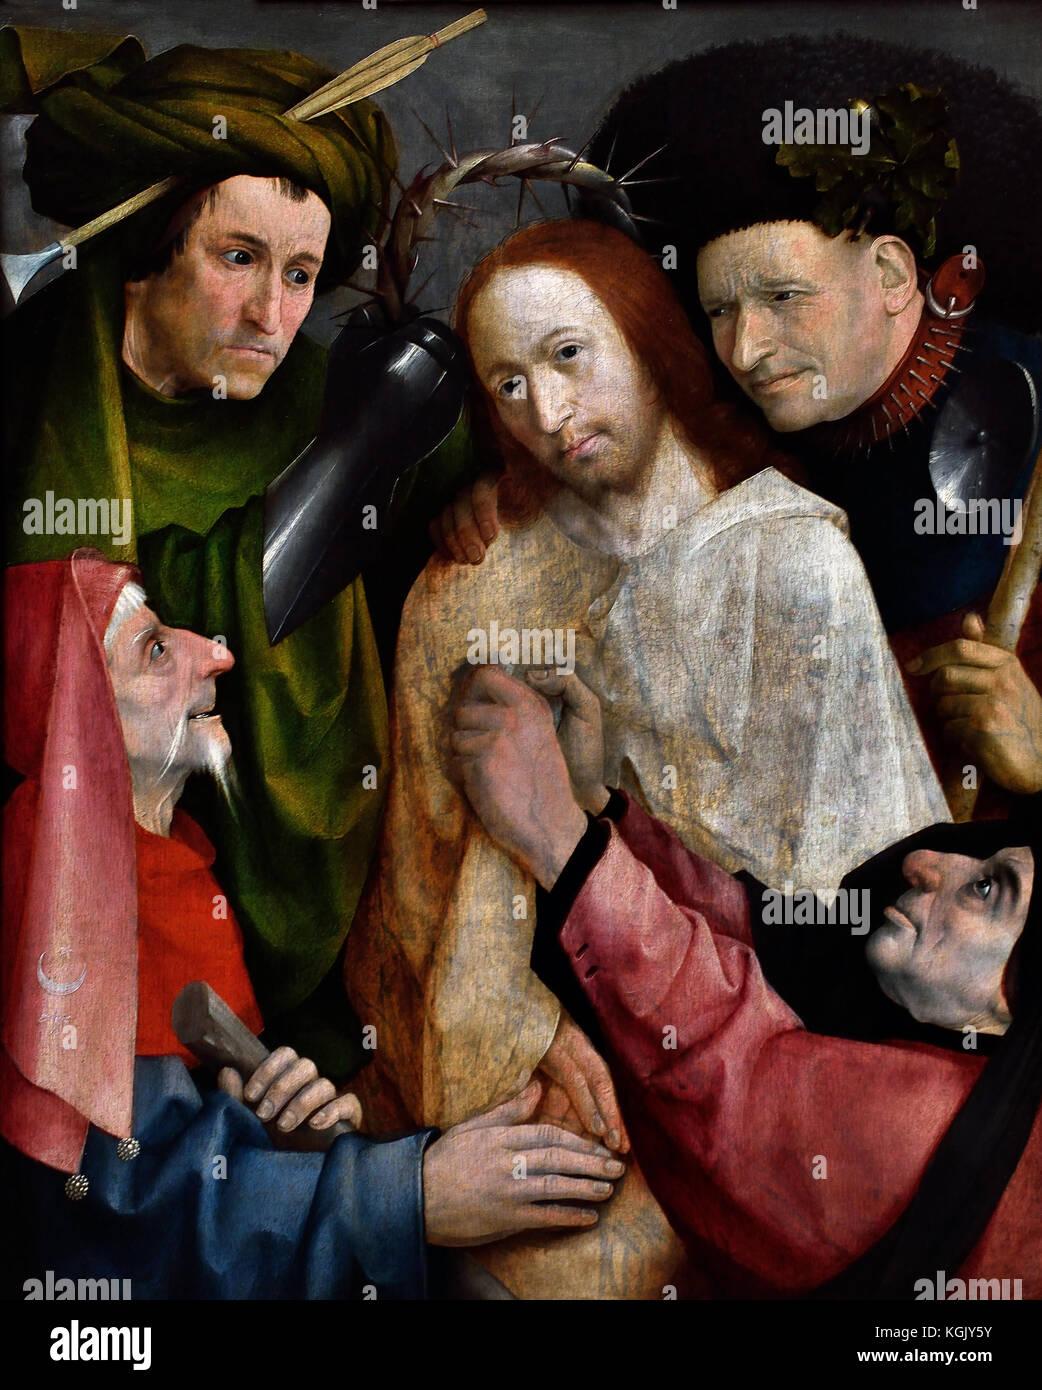 Jesucristo italiano del siglo 15-16 15 Italia Imagen De Stock